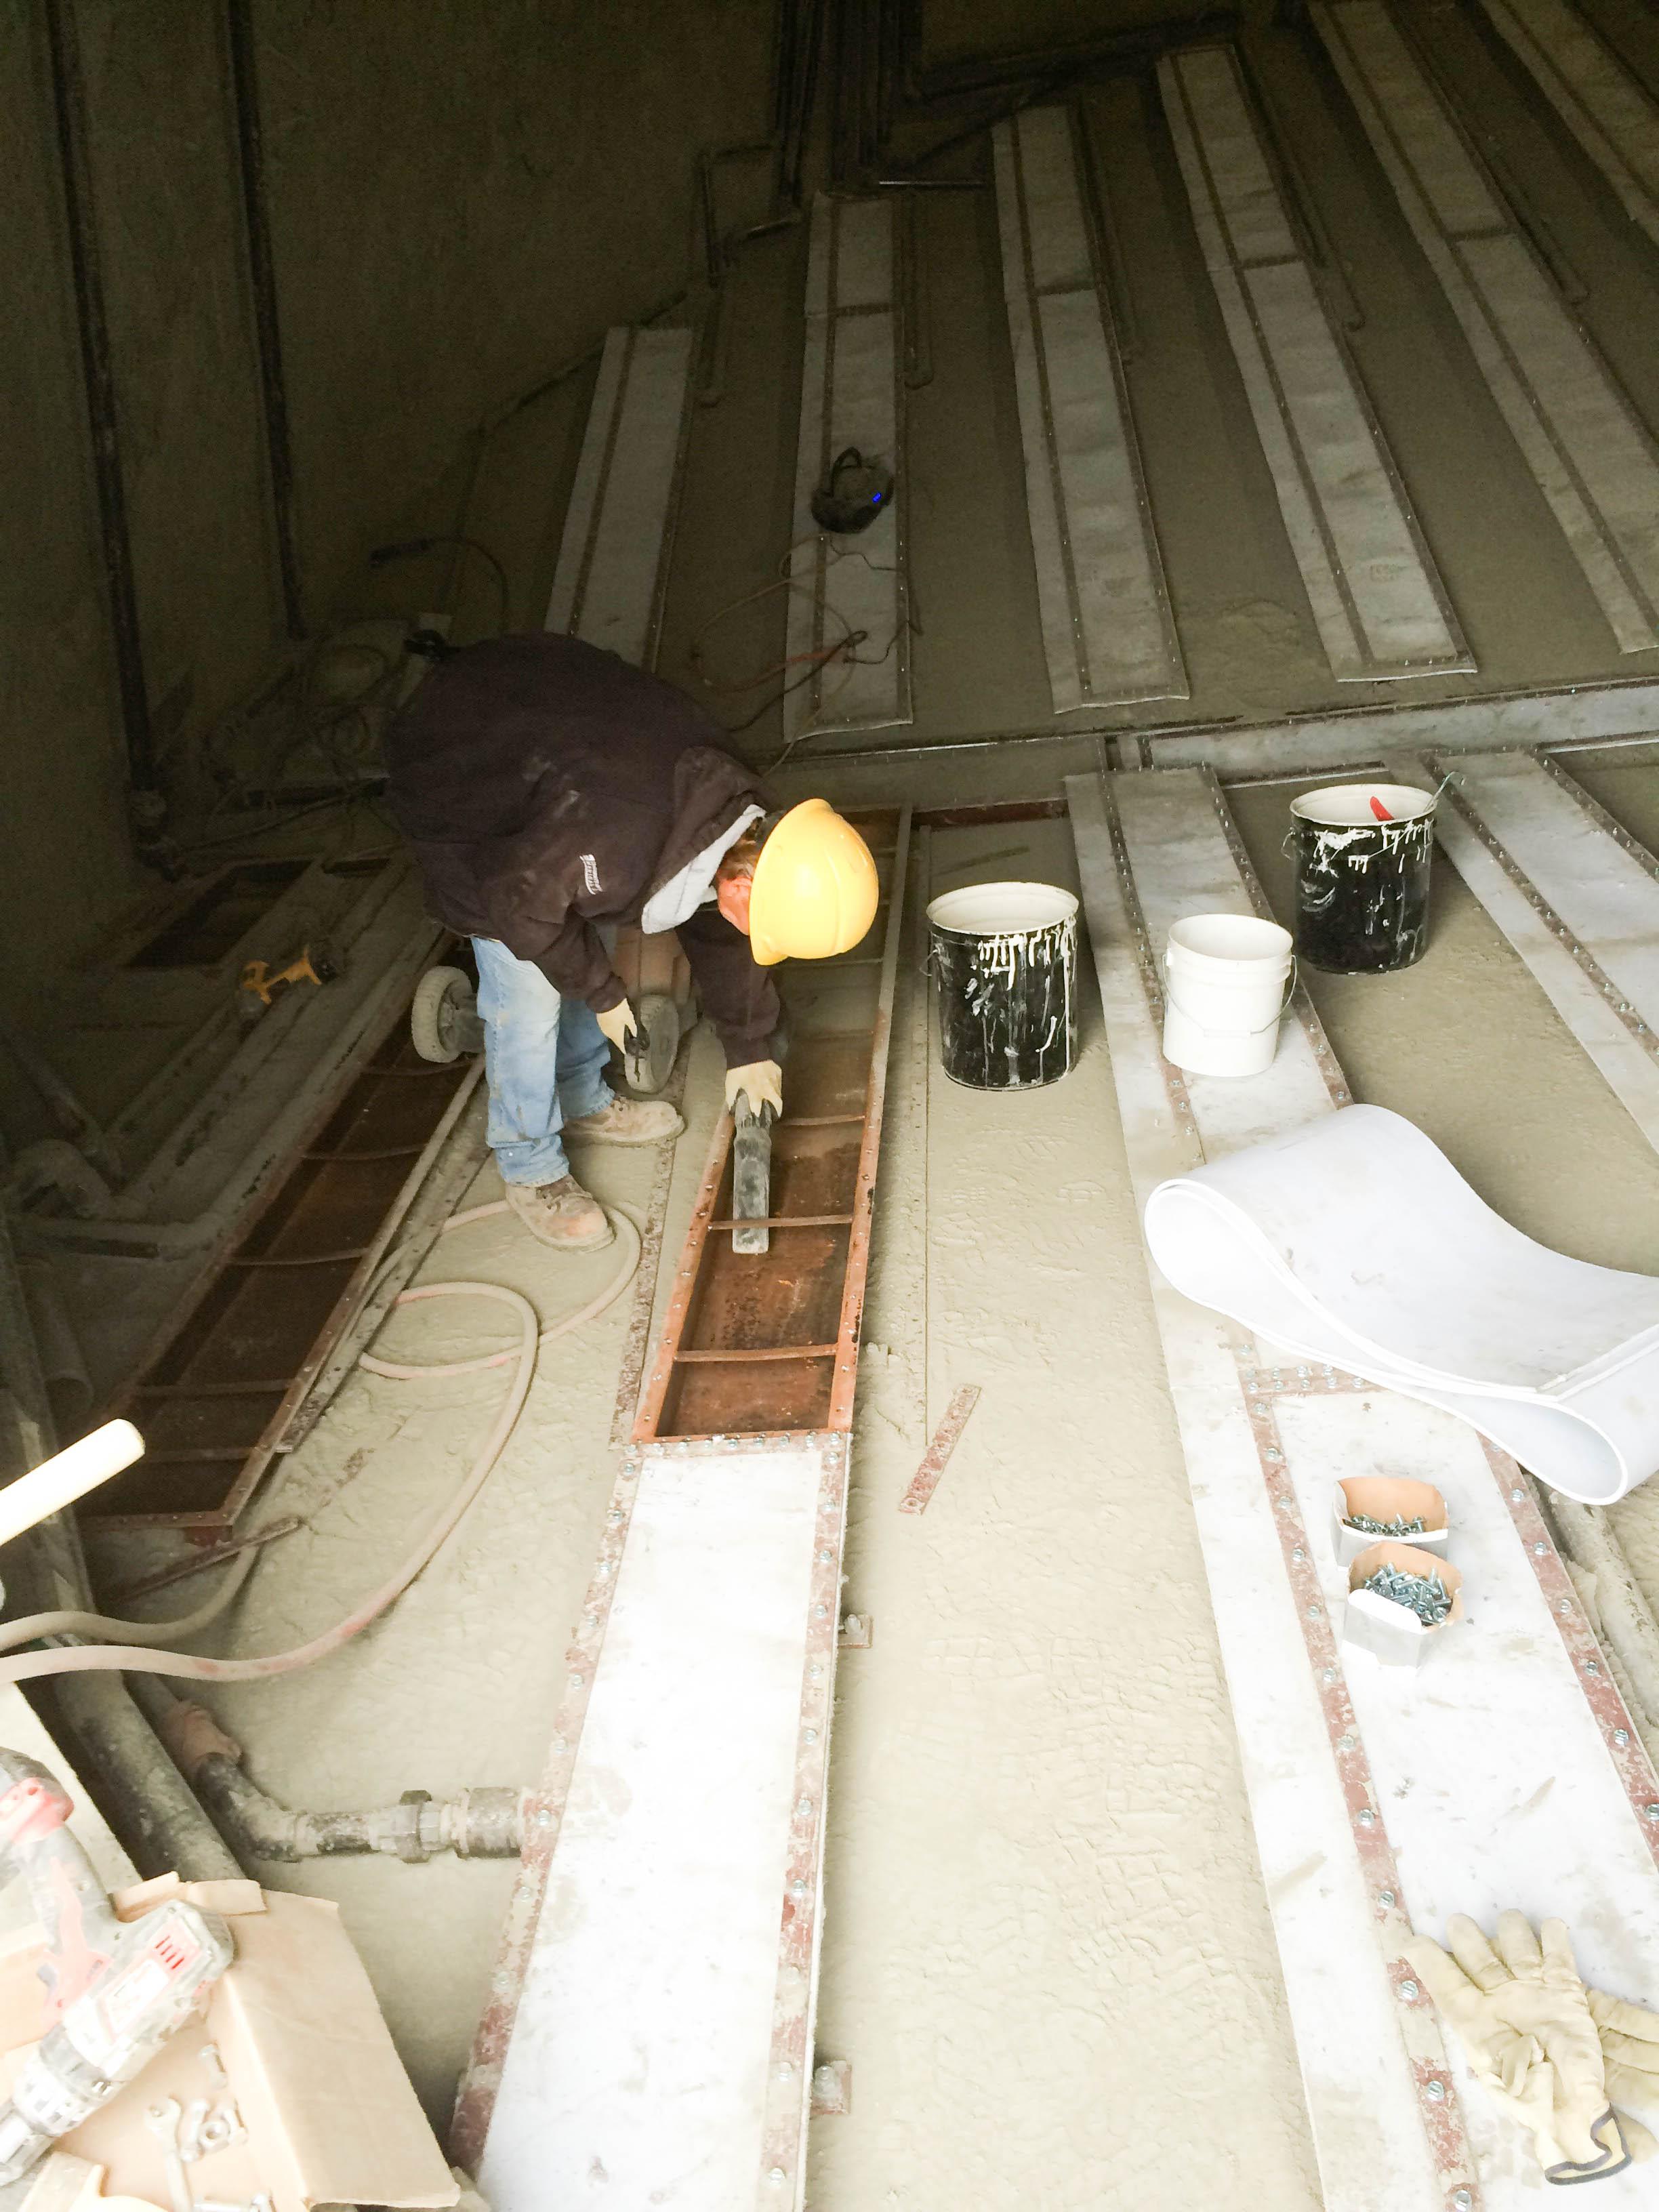 Men adding silo coating to silo